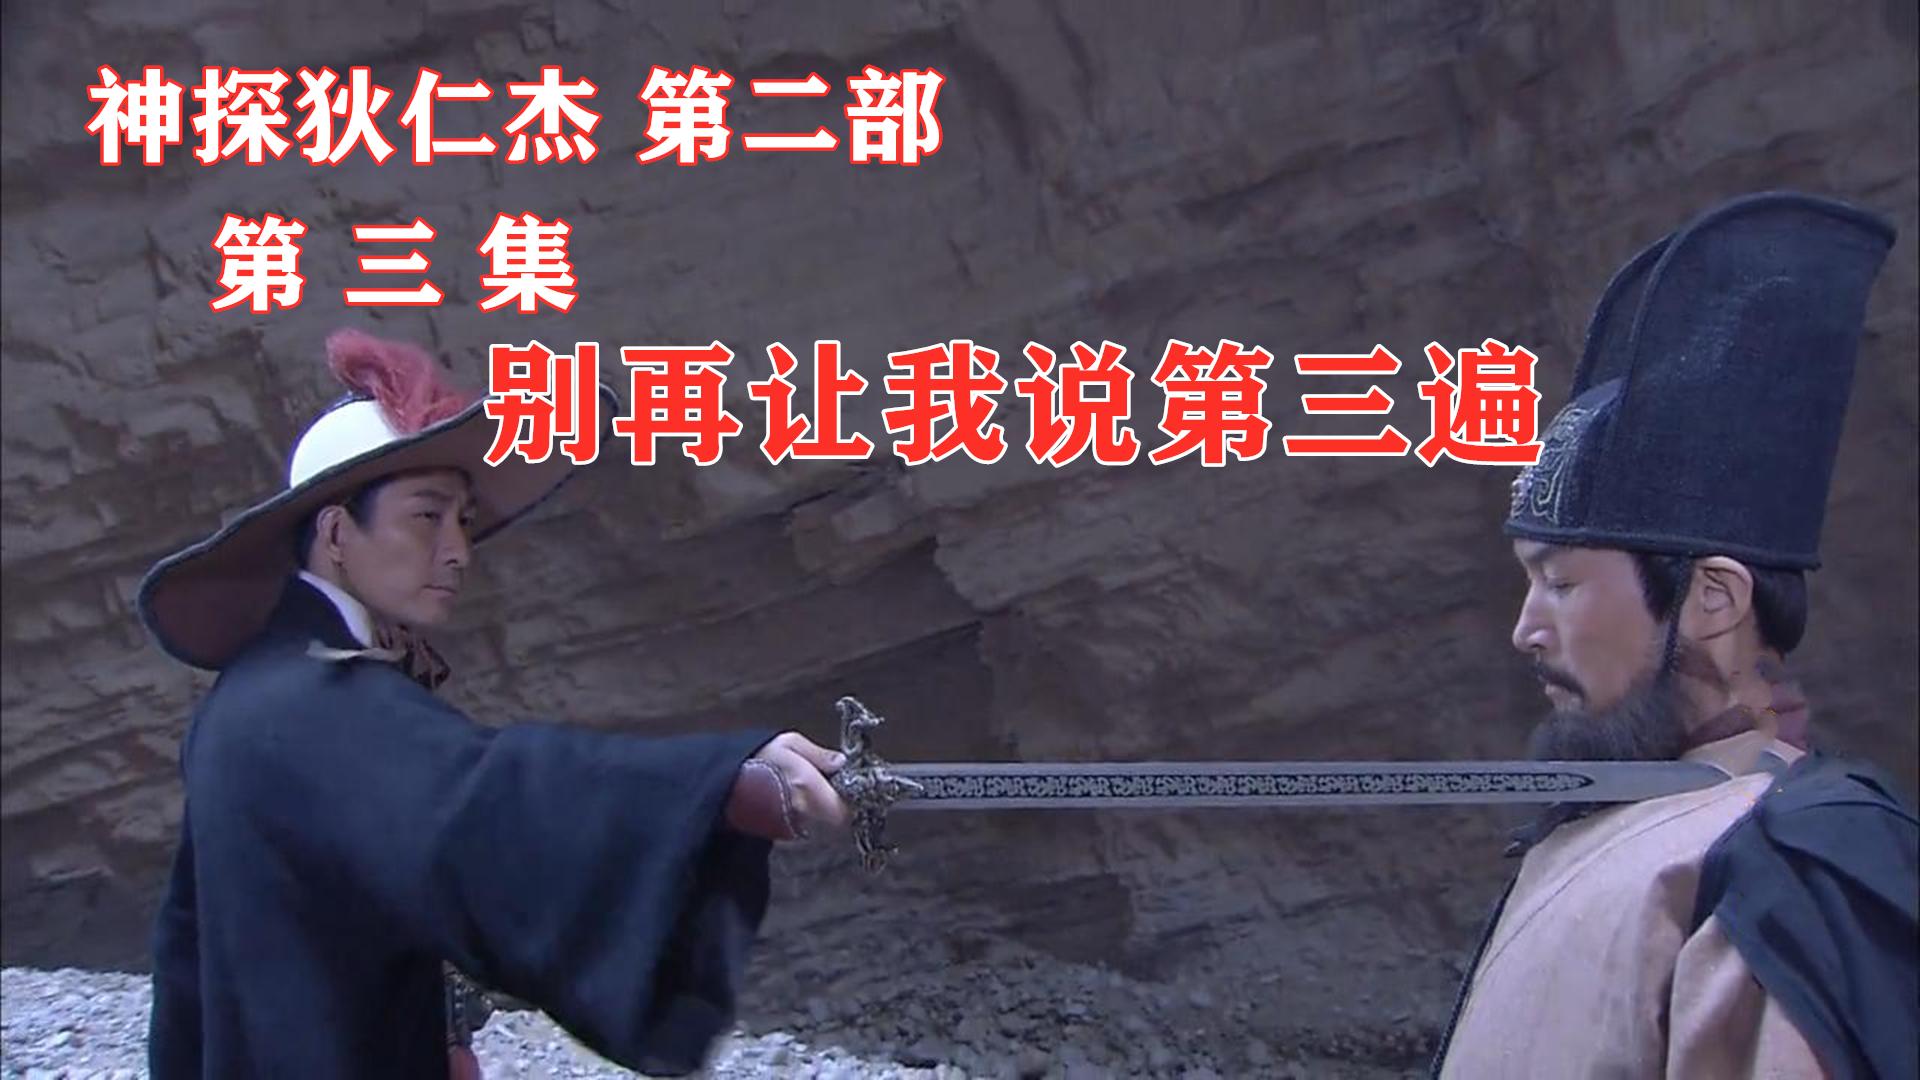 神探狄仁杰:李元芳单挑李楷固几十号官兵,吓得李楷固问他是人是鬼